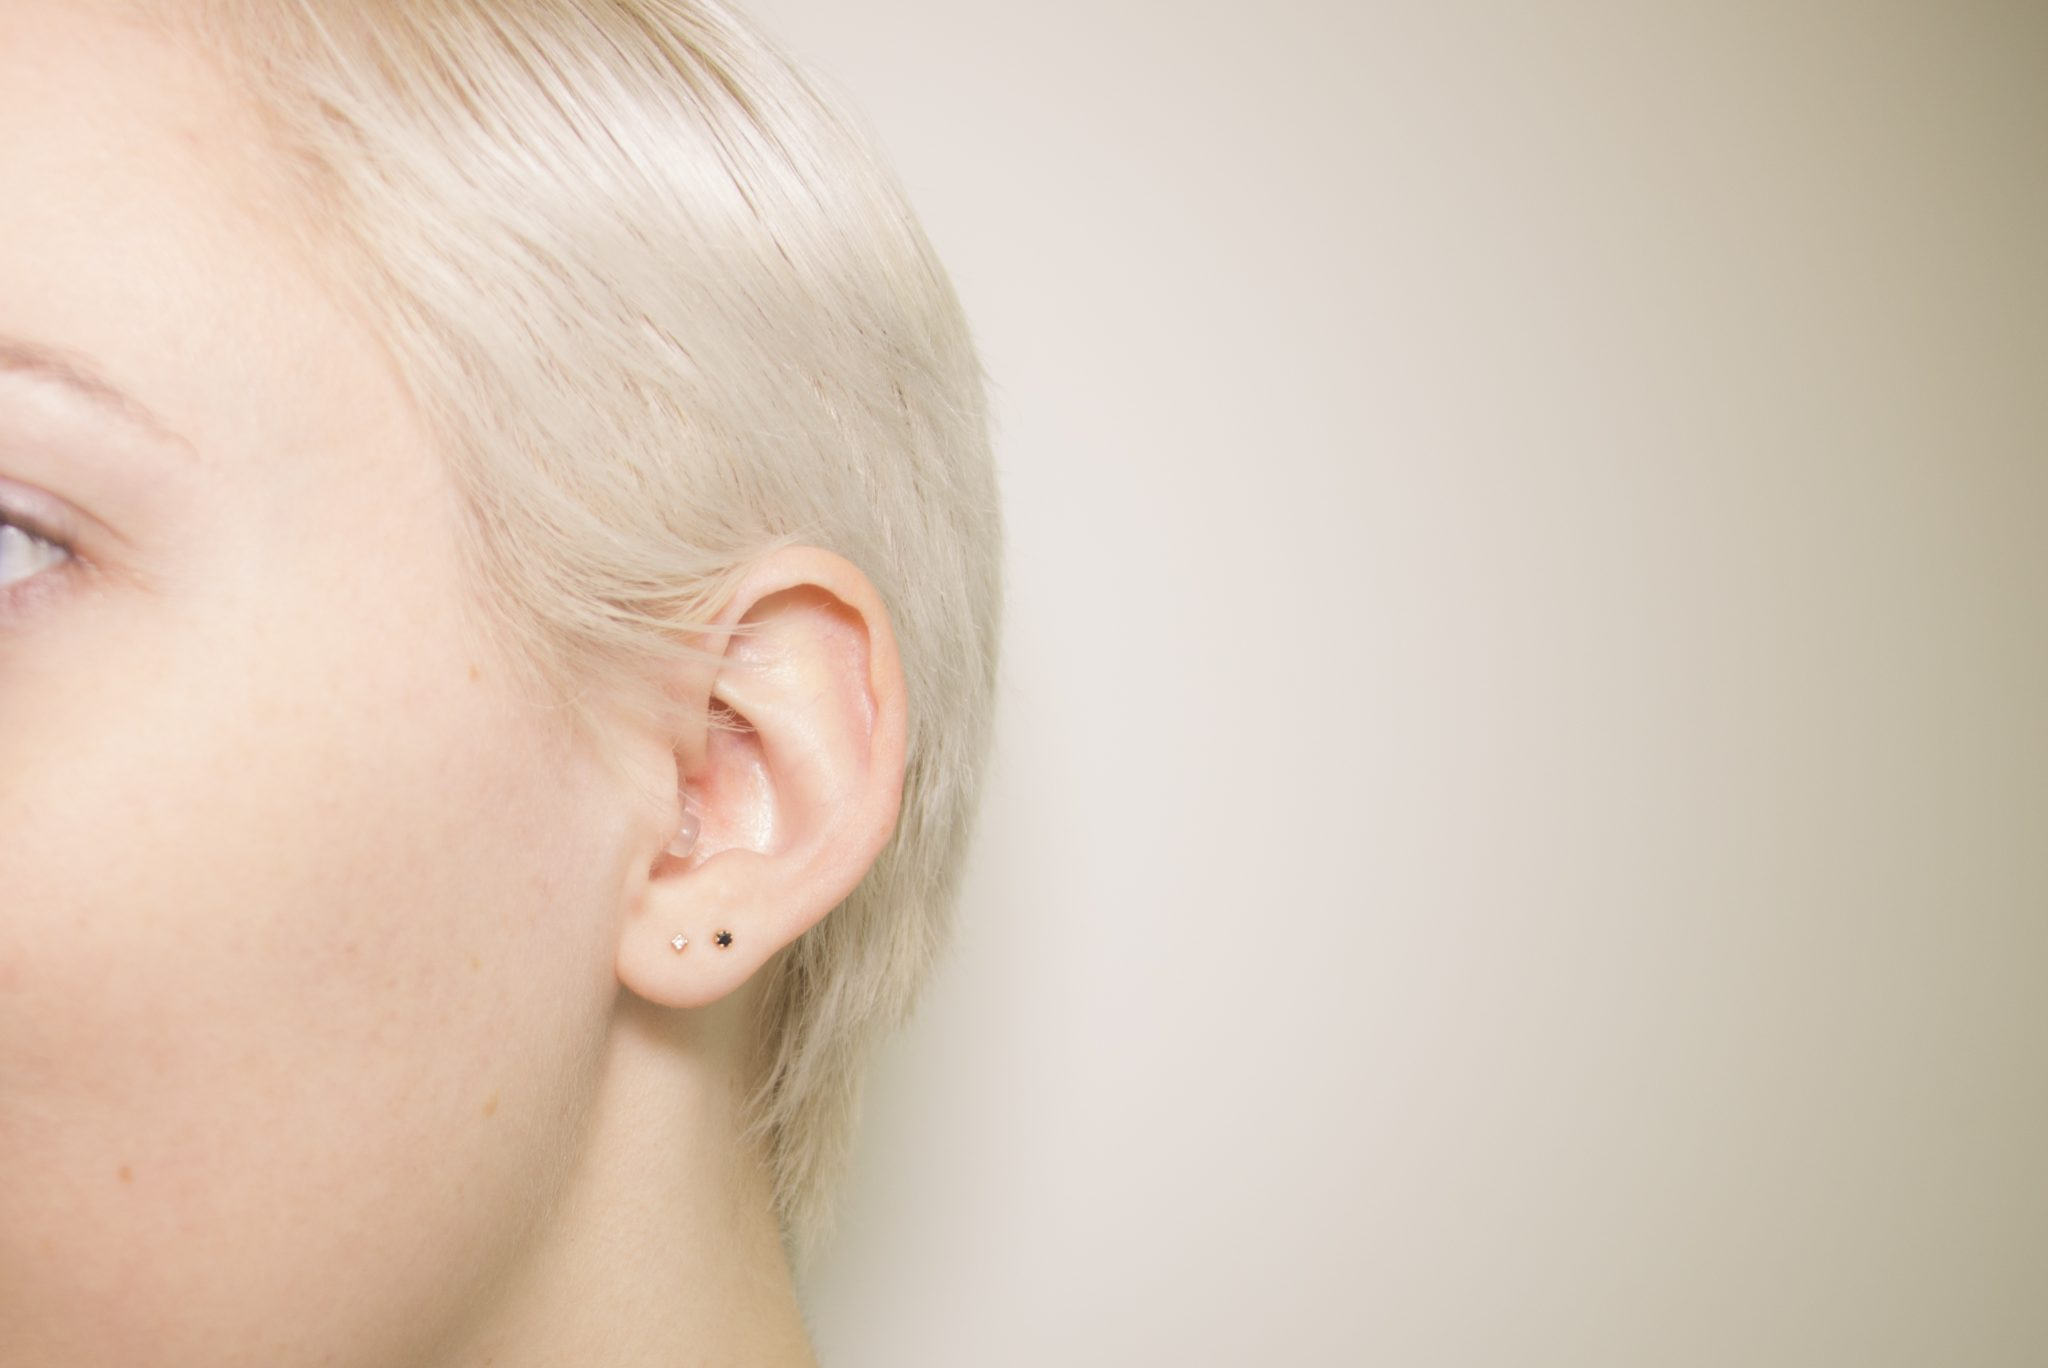 Clear Plugs In Ear_0002